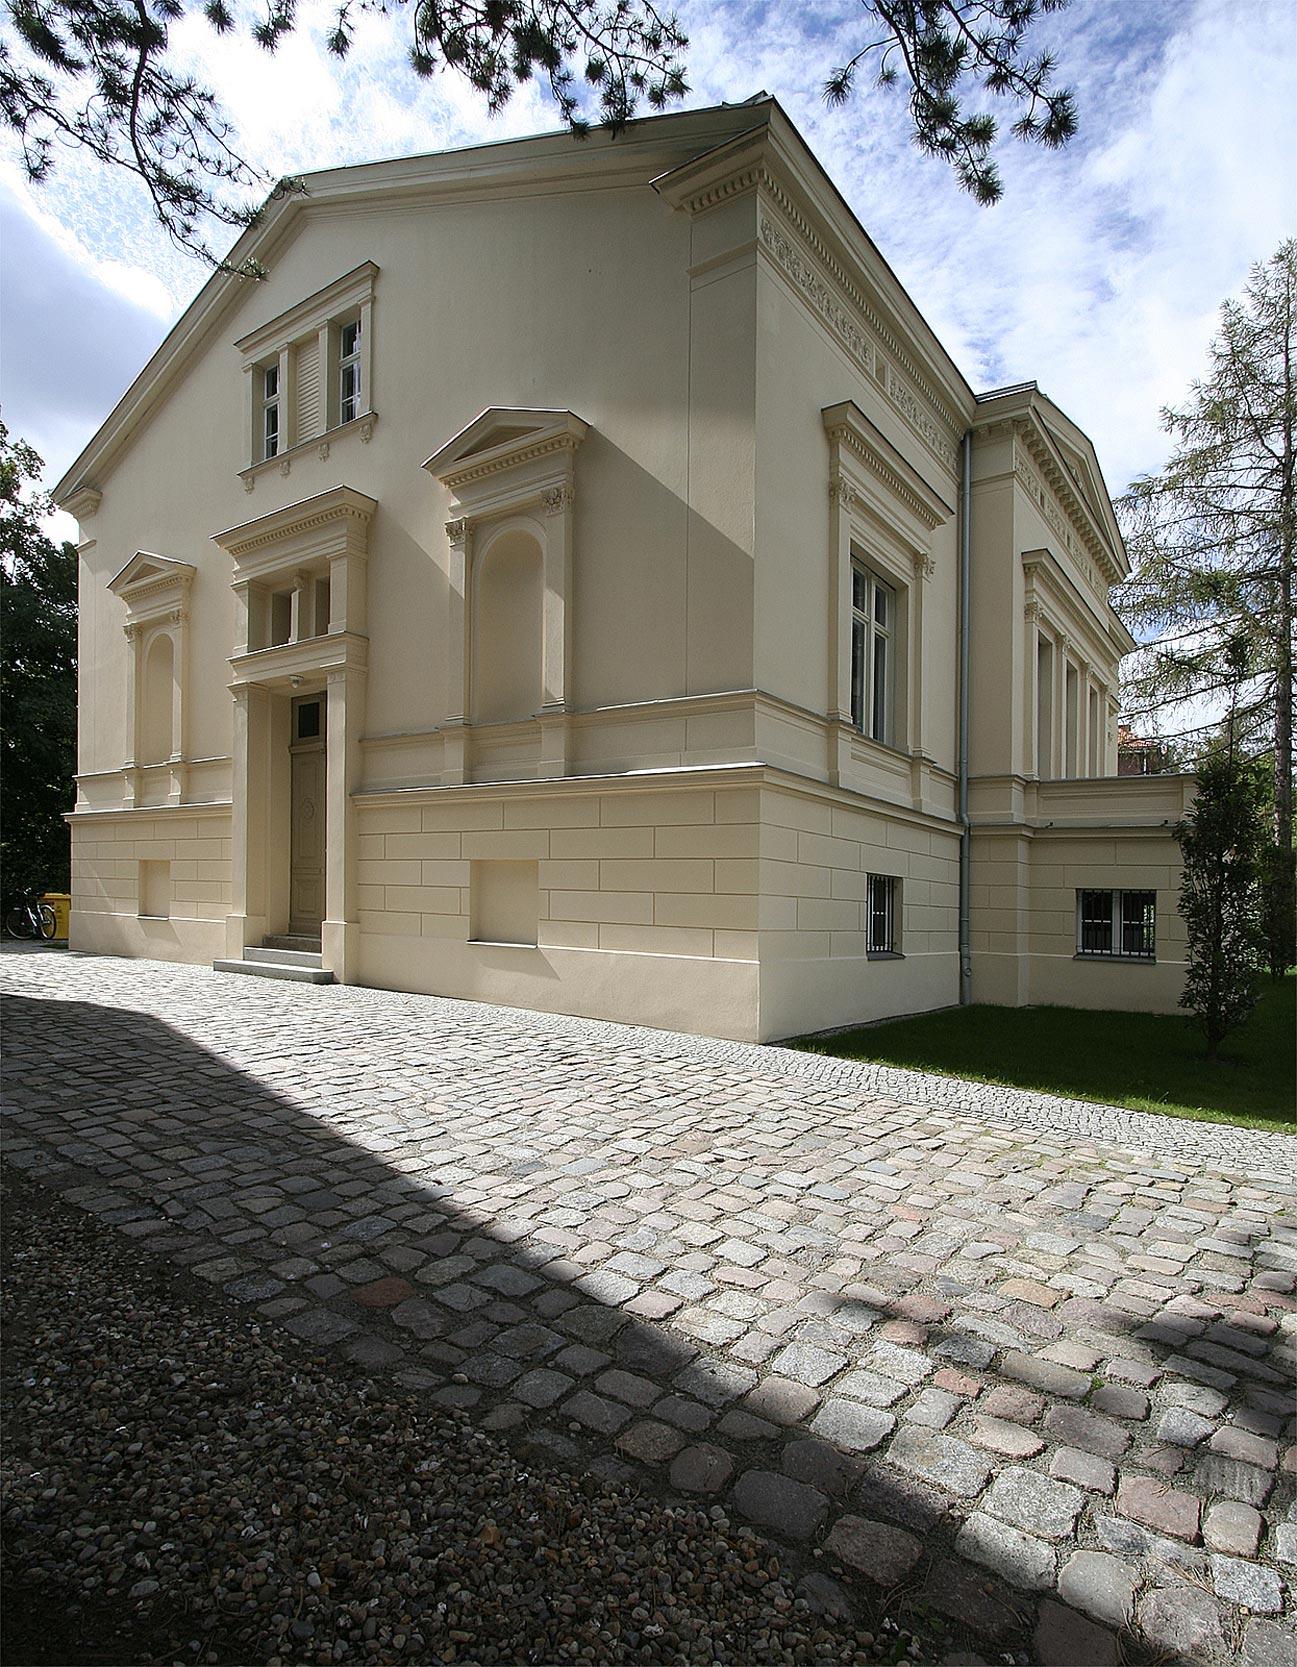 Der Haupteingang an der Giebelseite mit seitlichen Skulpturennischen